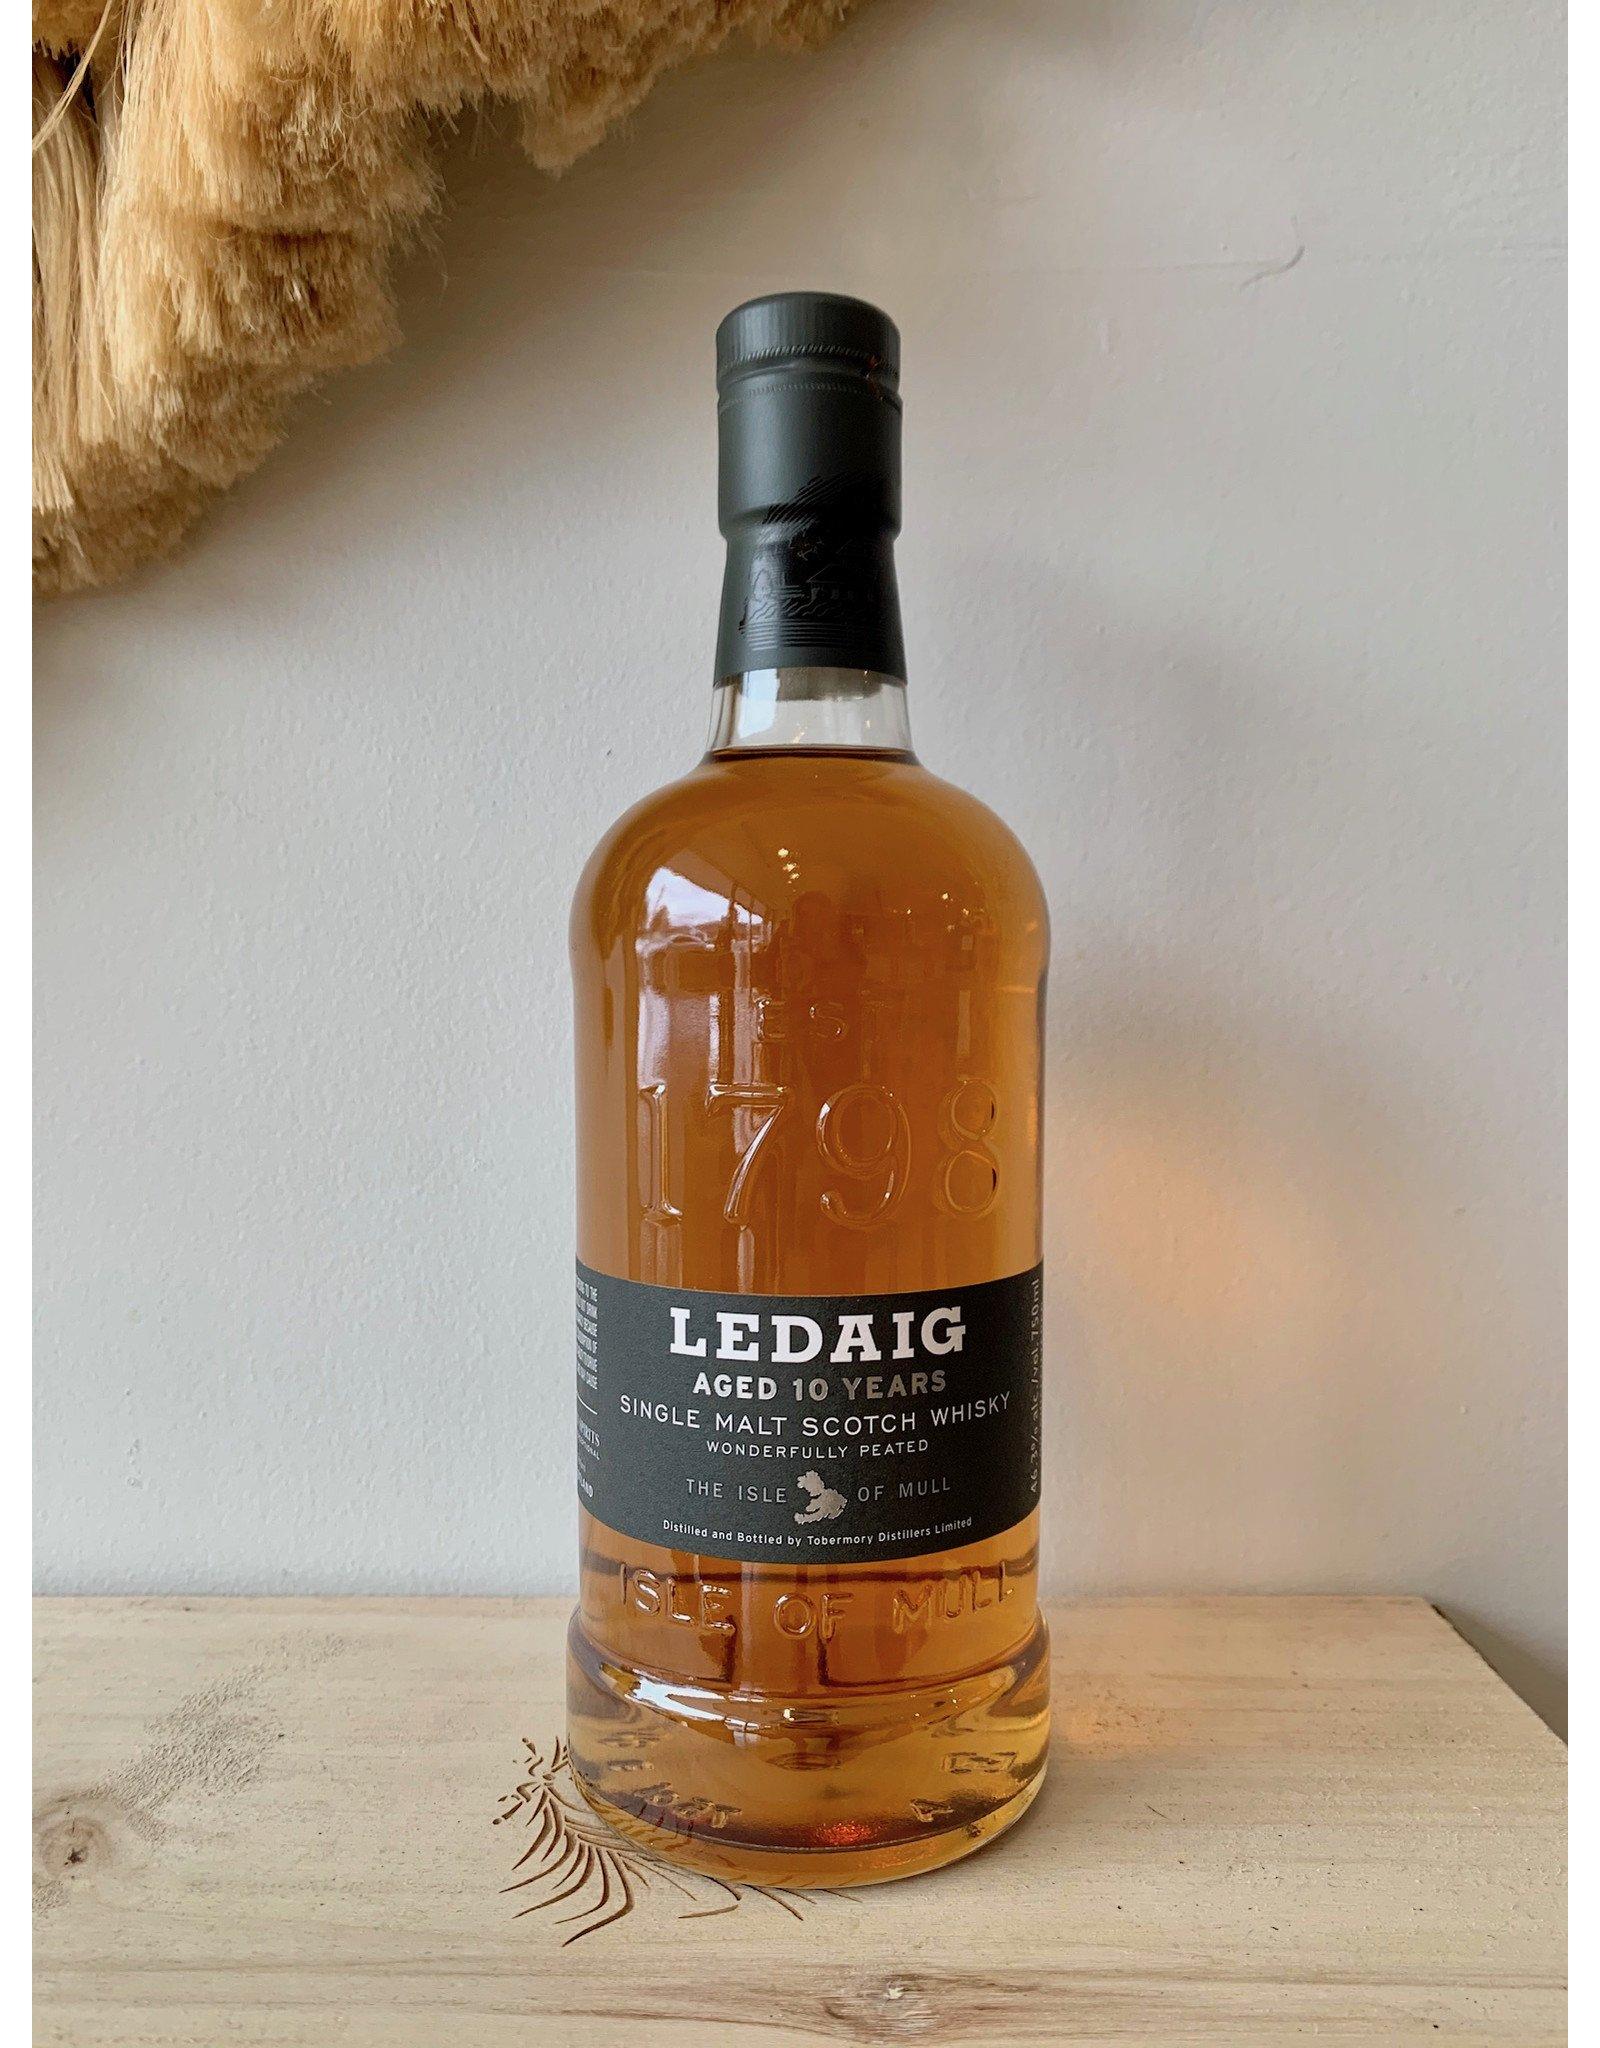 Ledaig 10 Year Scotch